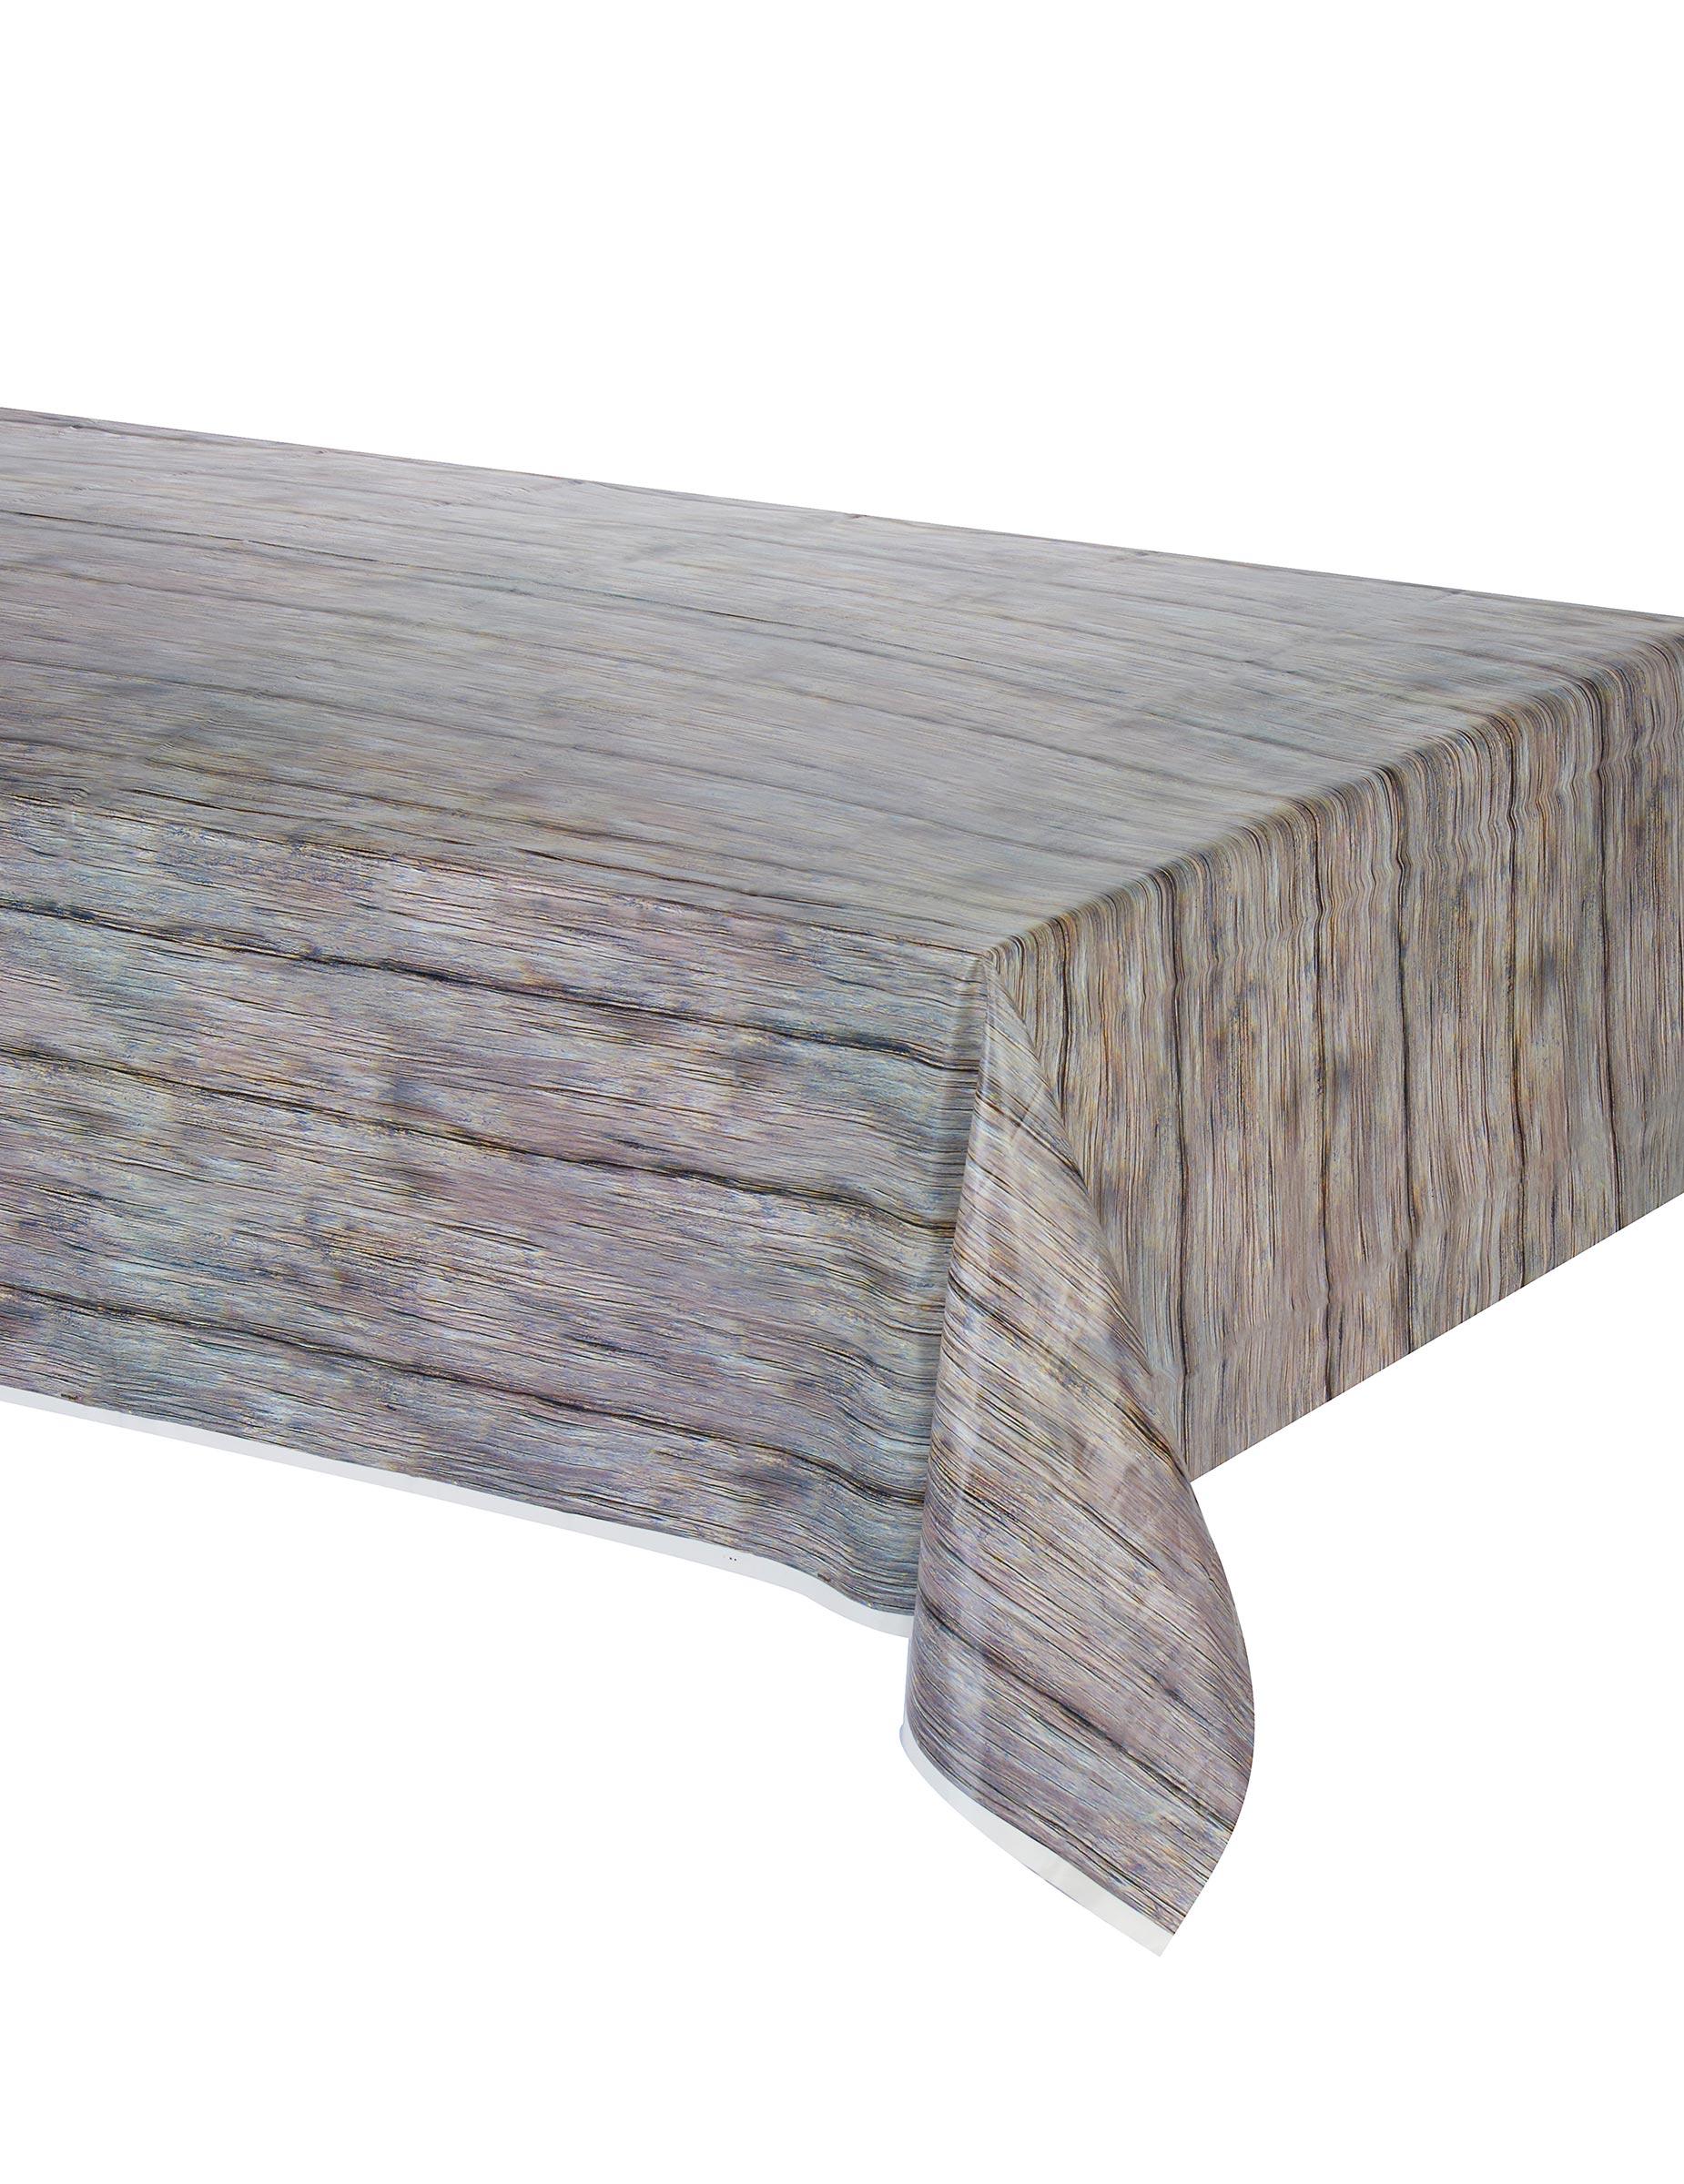 Nappe Motif Bois : Nappe effet bois rustique 137 x 274 cm, d?coration anniversaire et